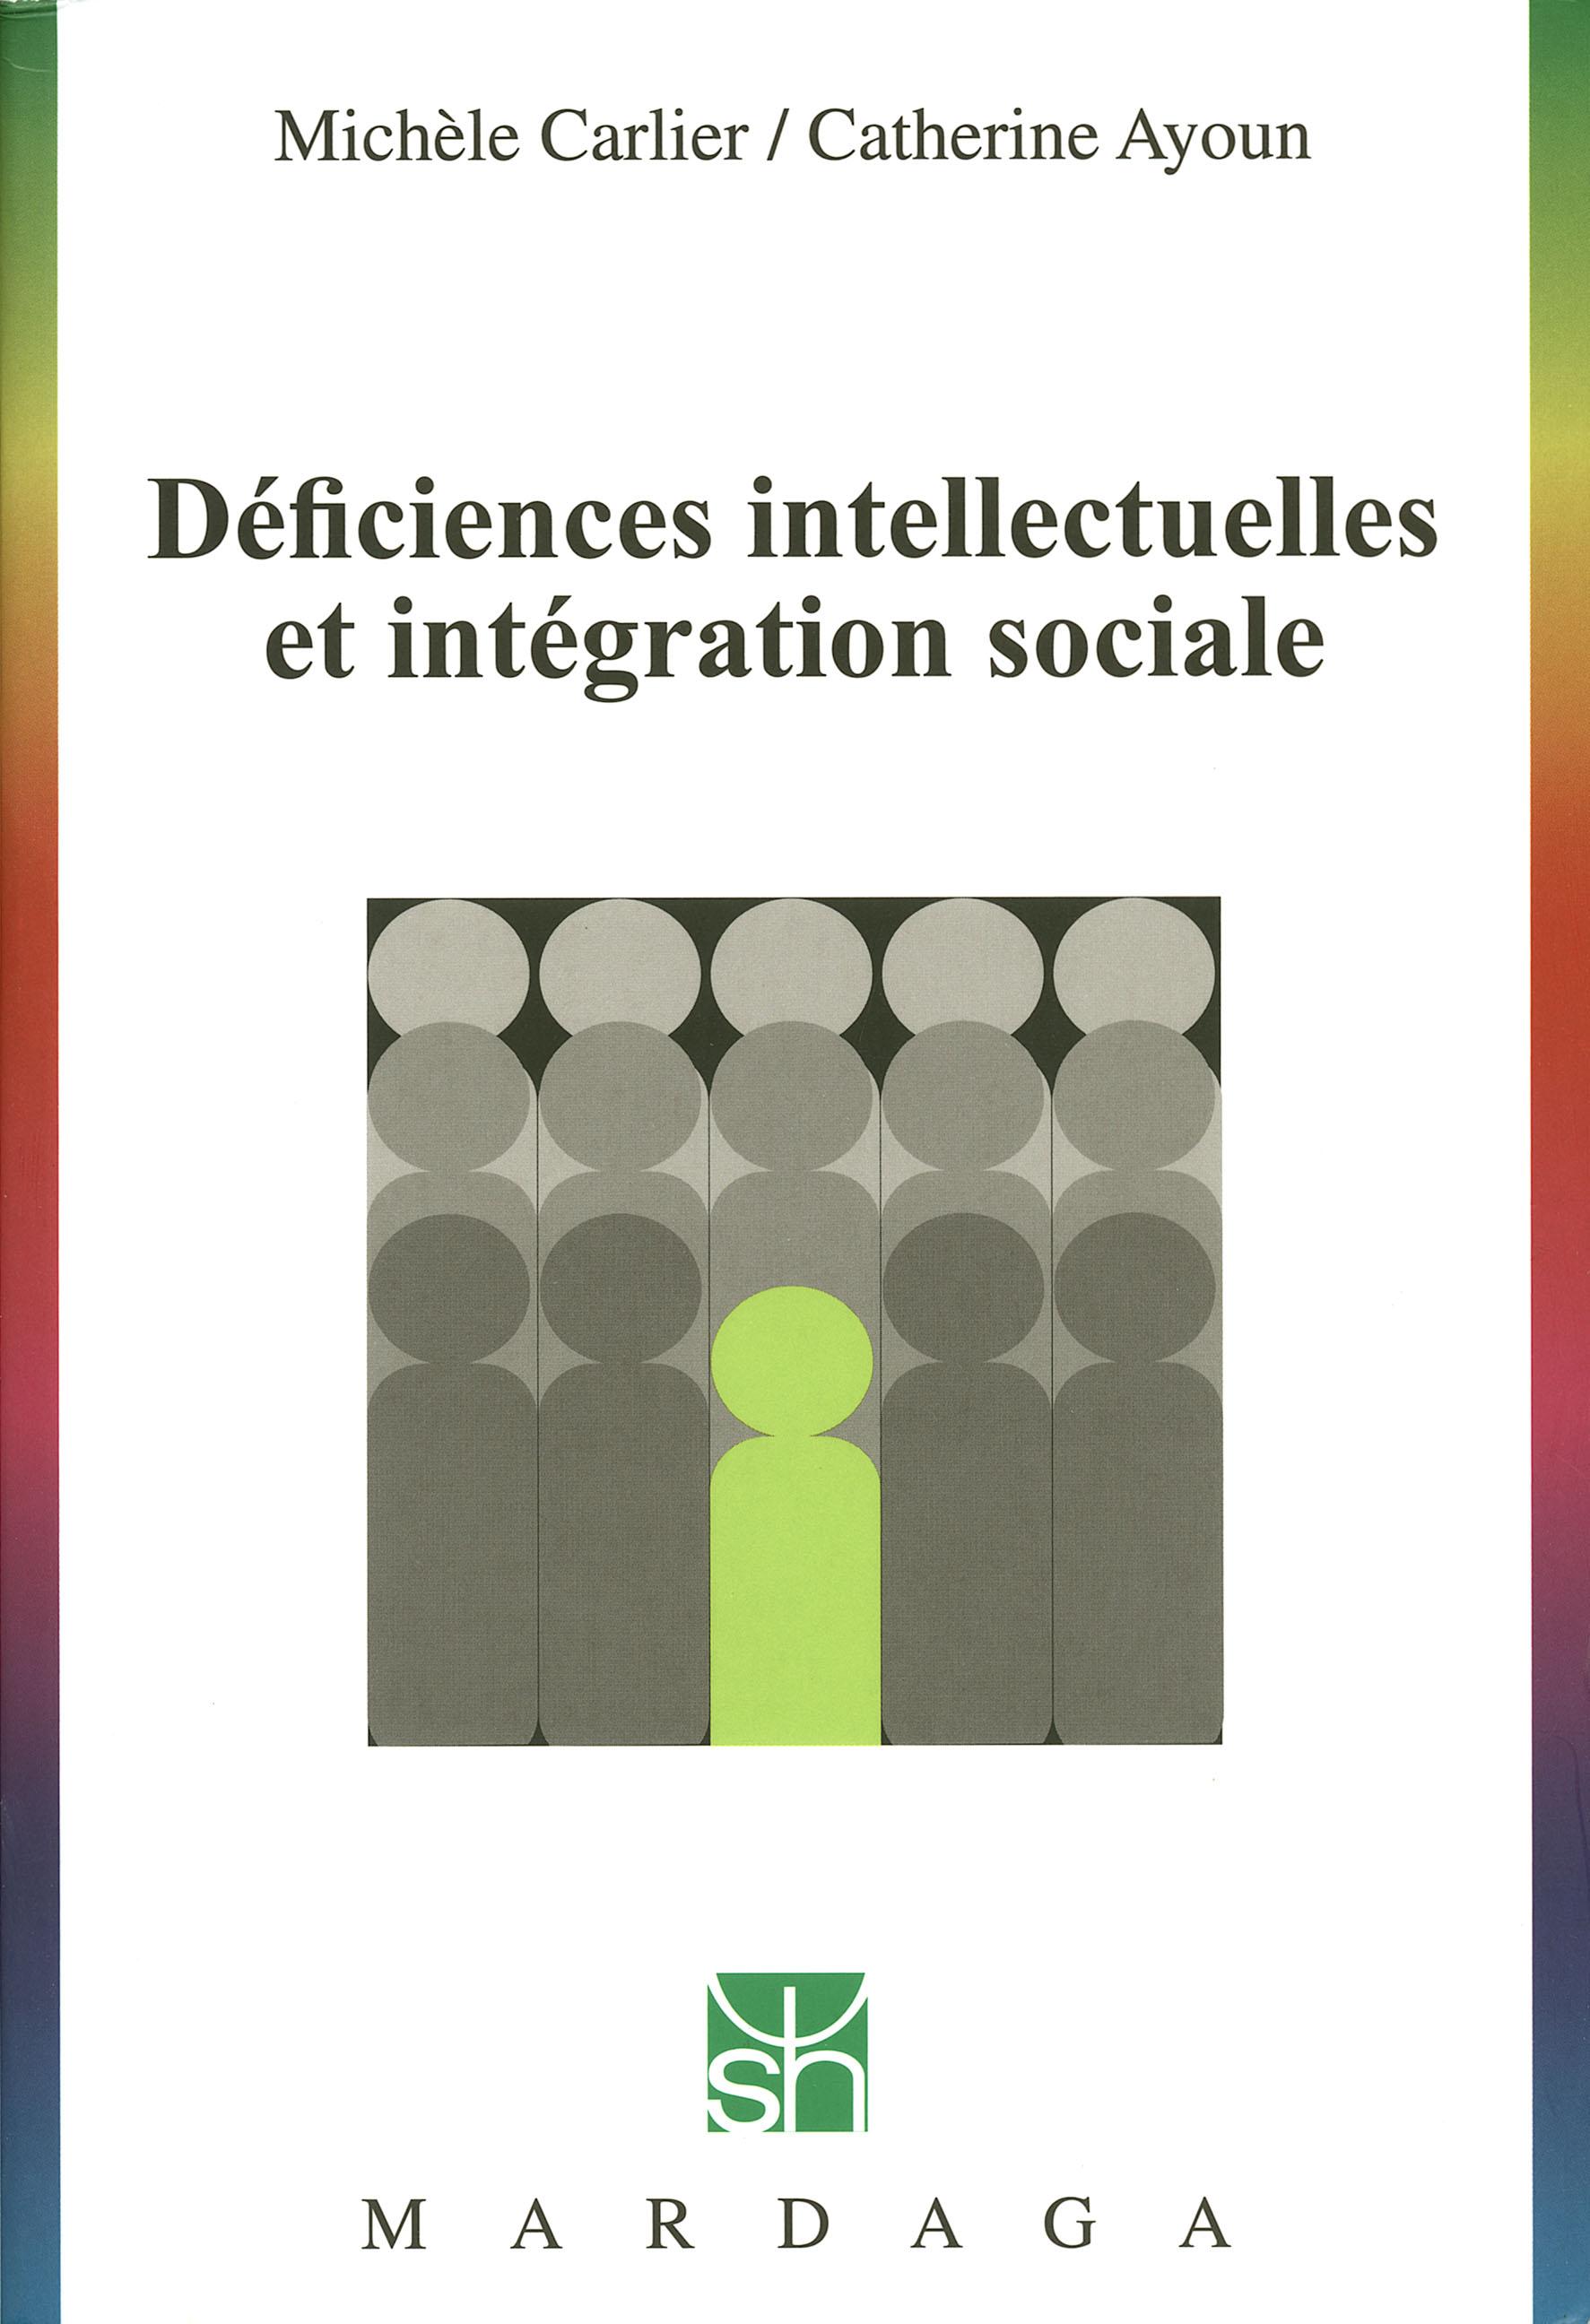 Déficiences intellectuelles et intégration sociale, Étude des troubles du développement intellectuel